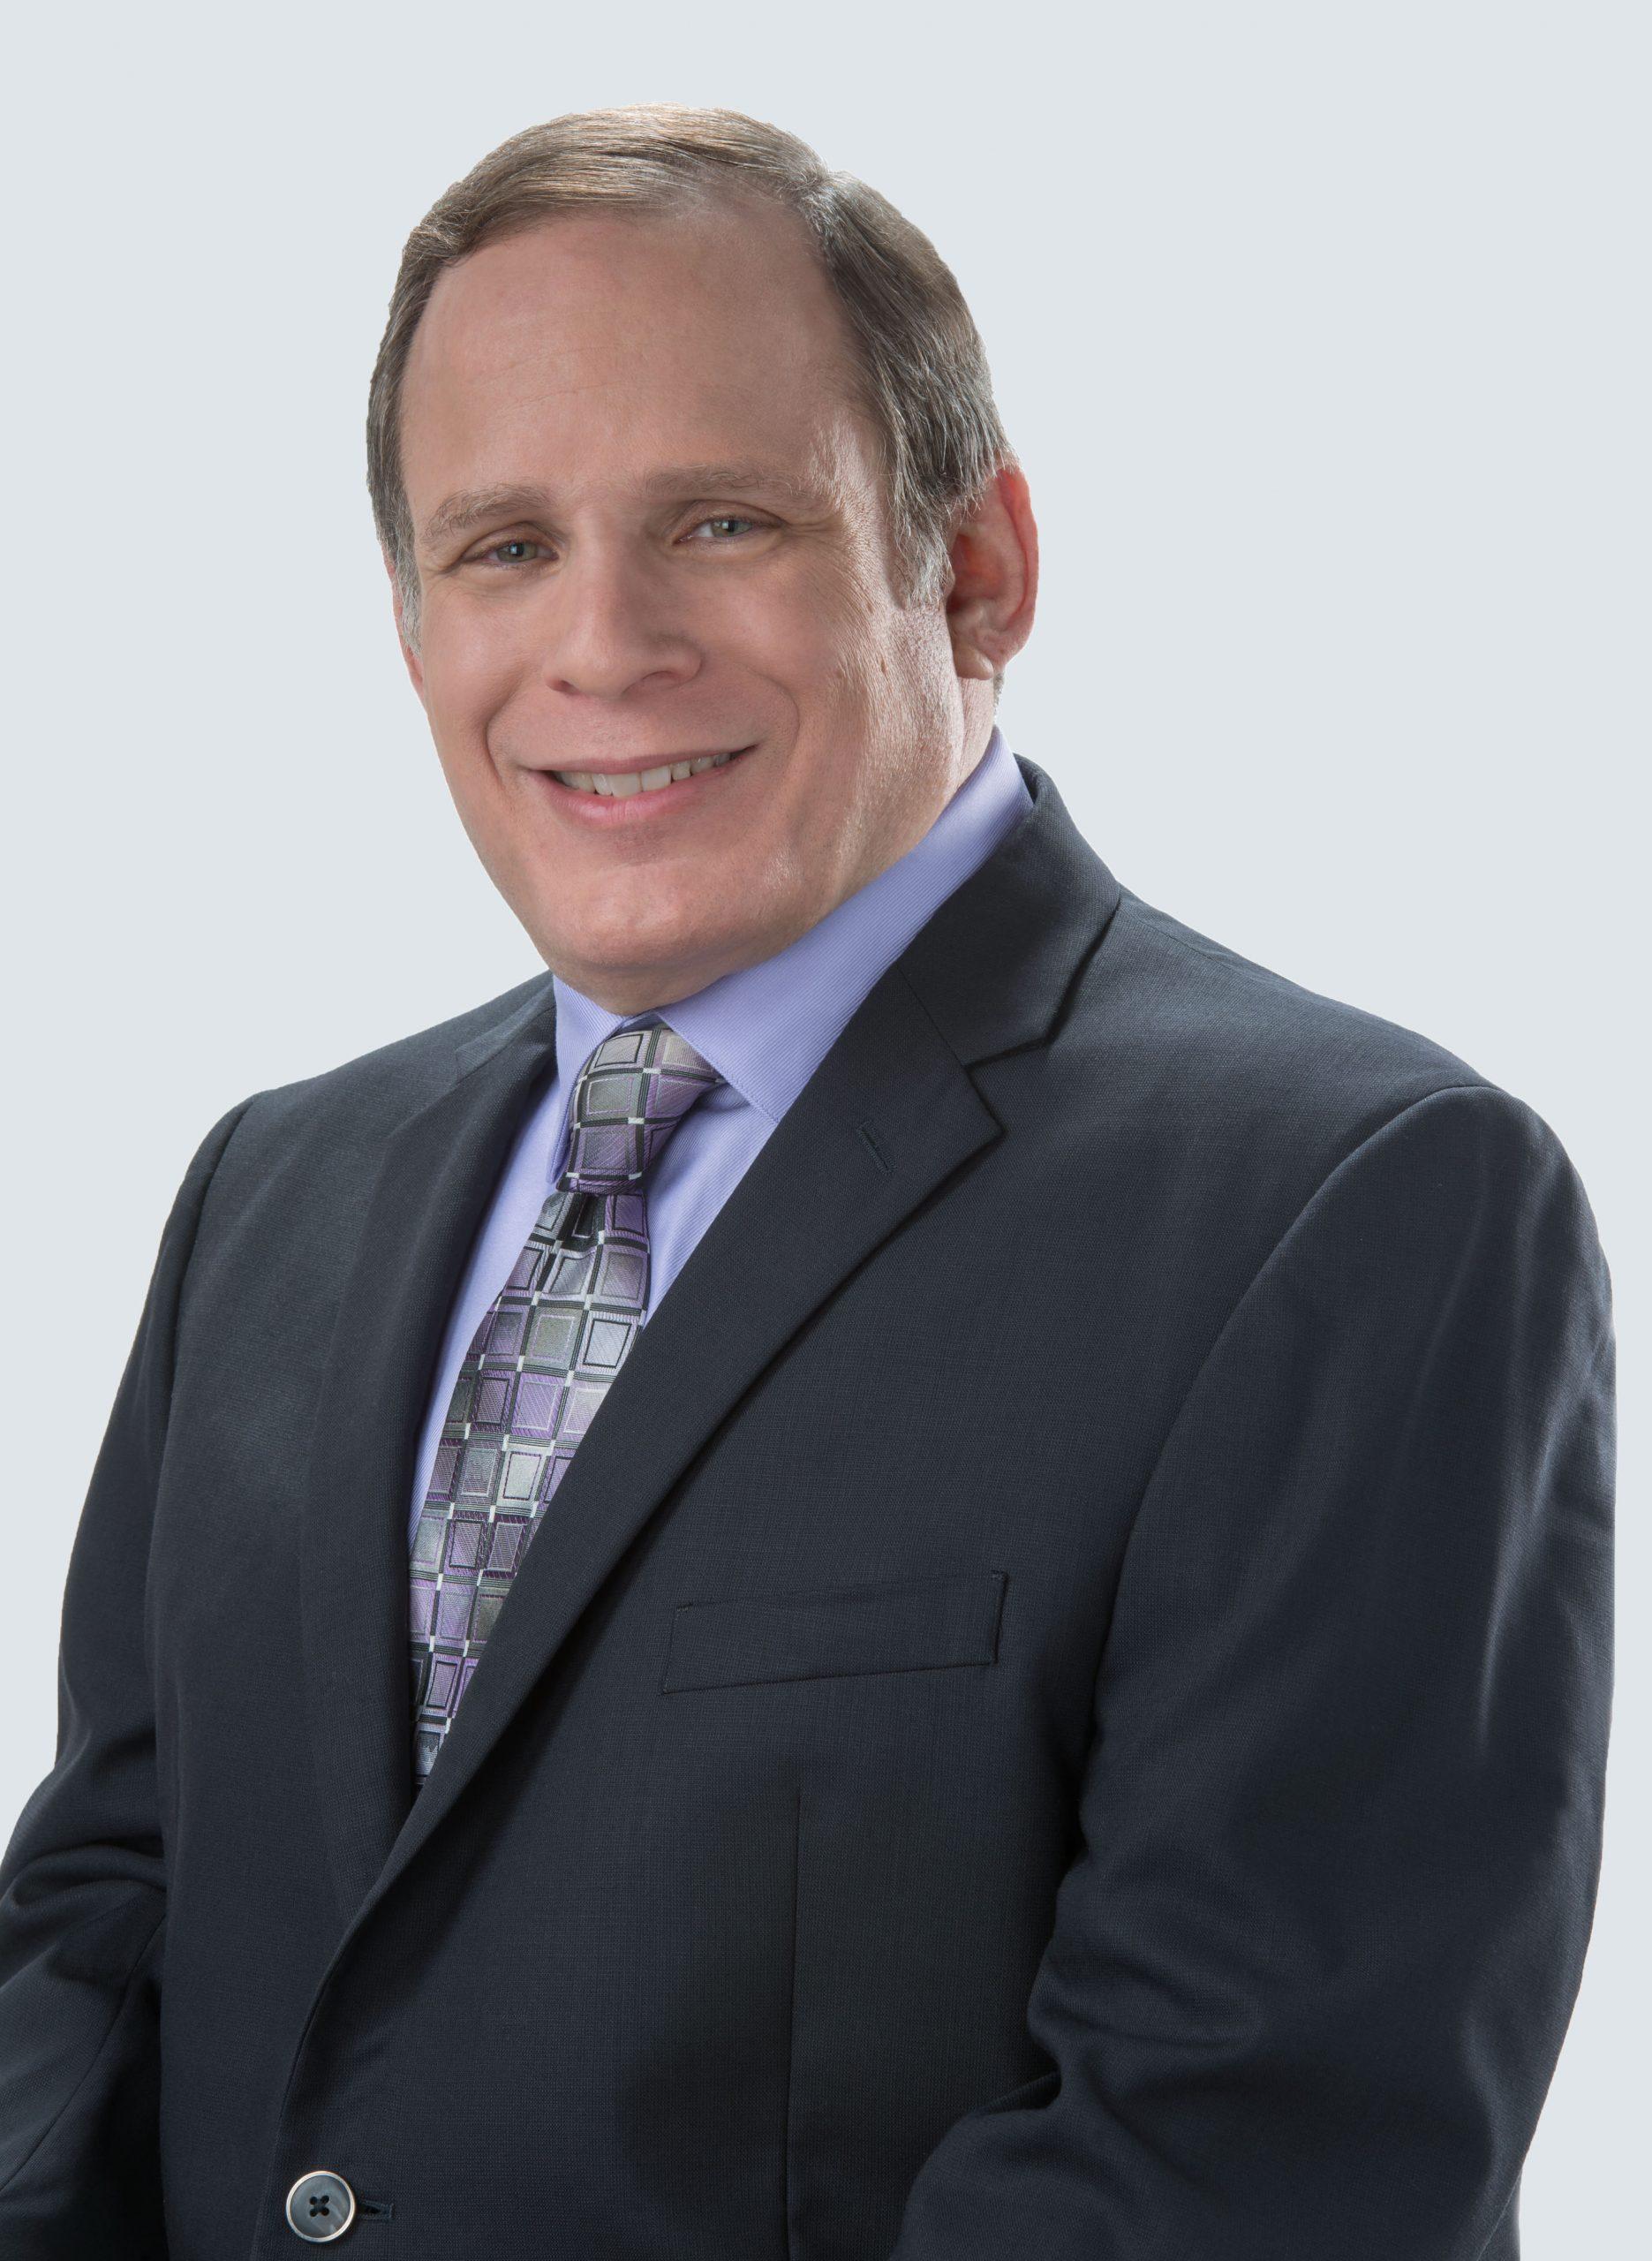 Andrew Polin